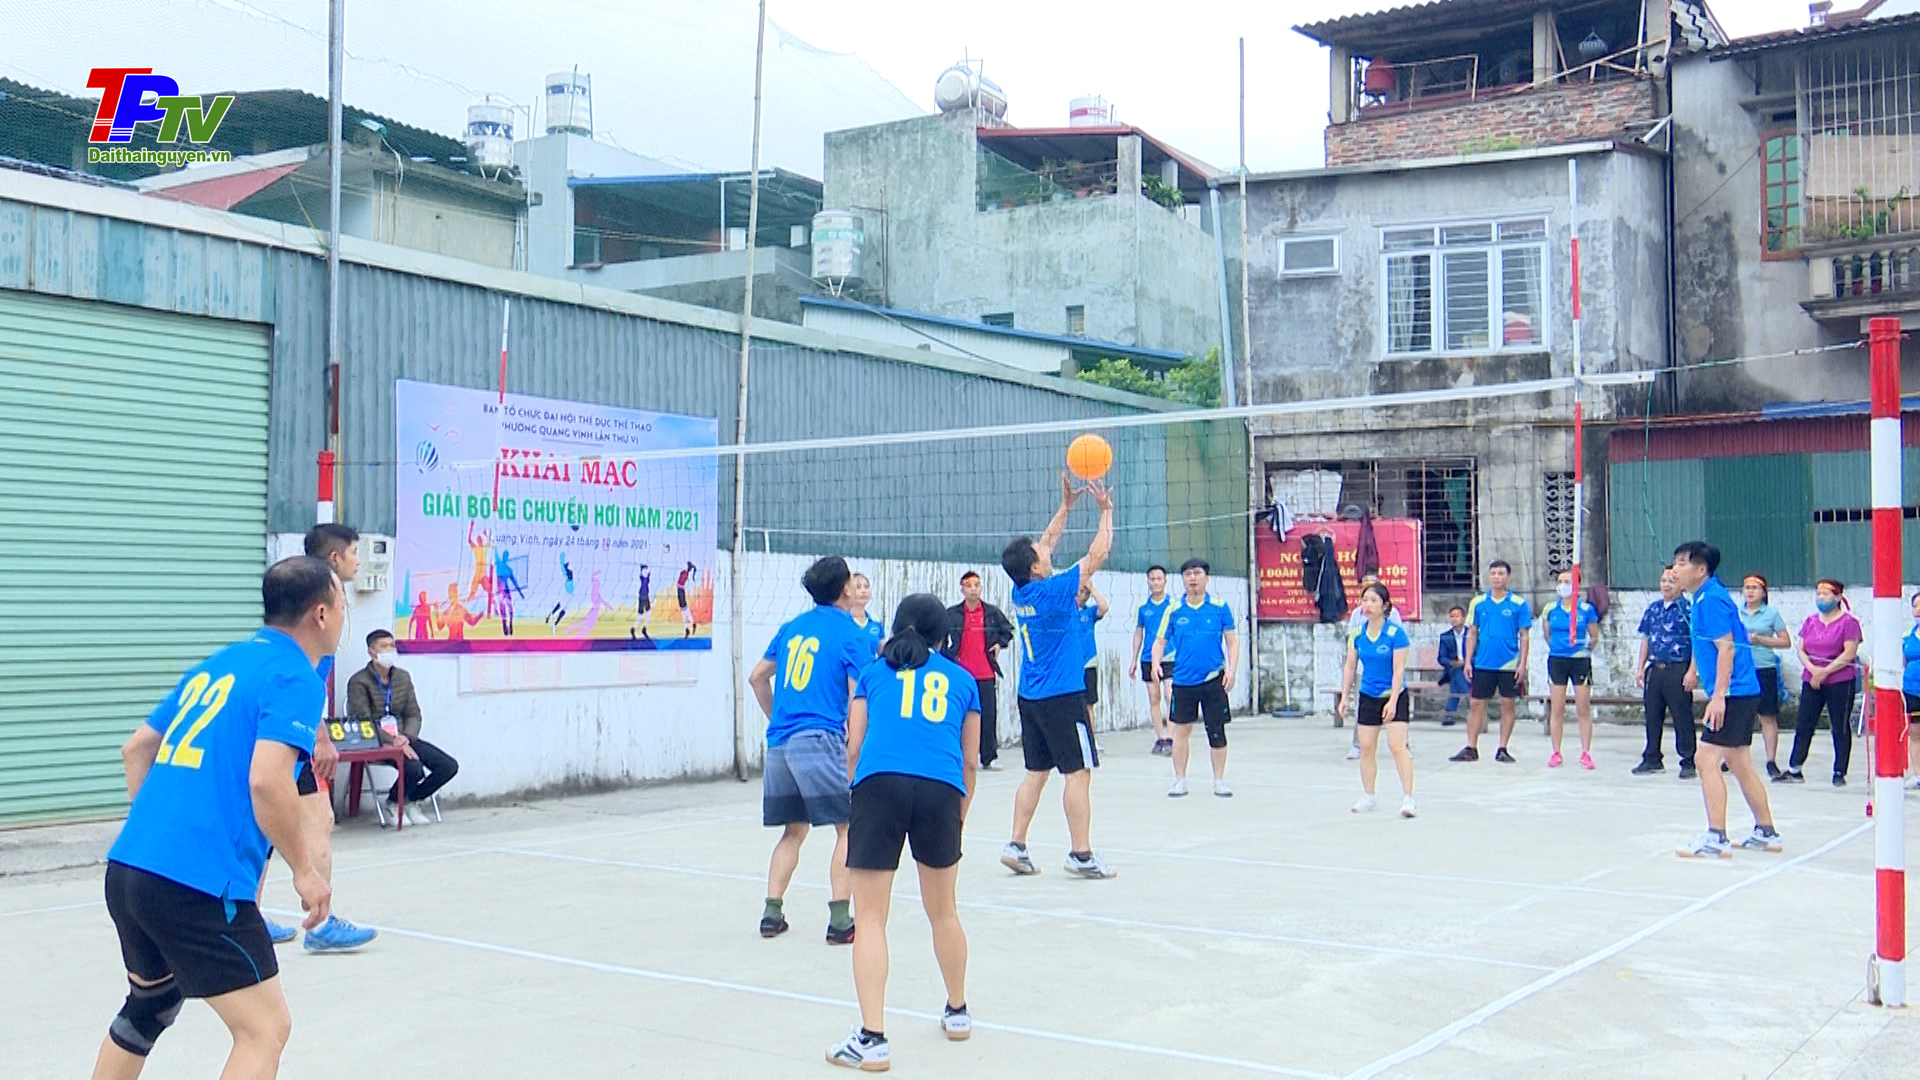 Phường Quang Vinh khai mạc giải bóng chuyền hơi, giải cầu lông.